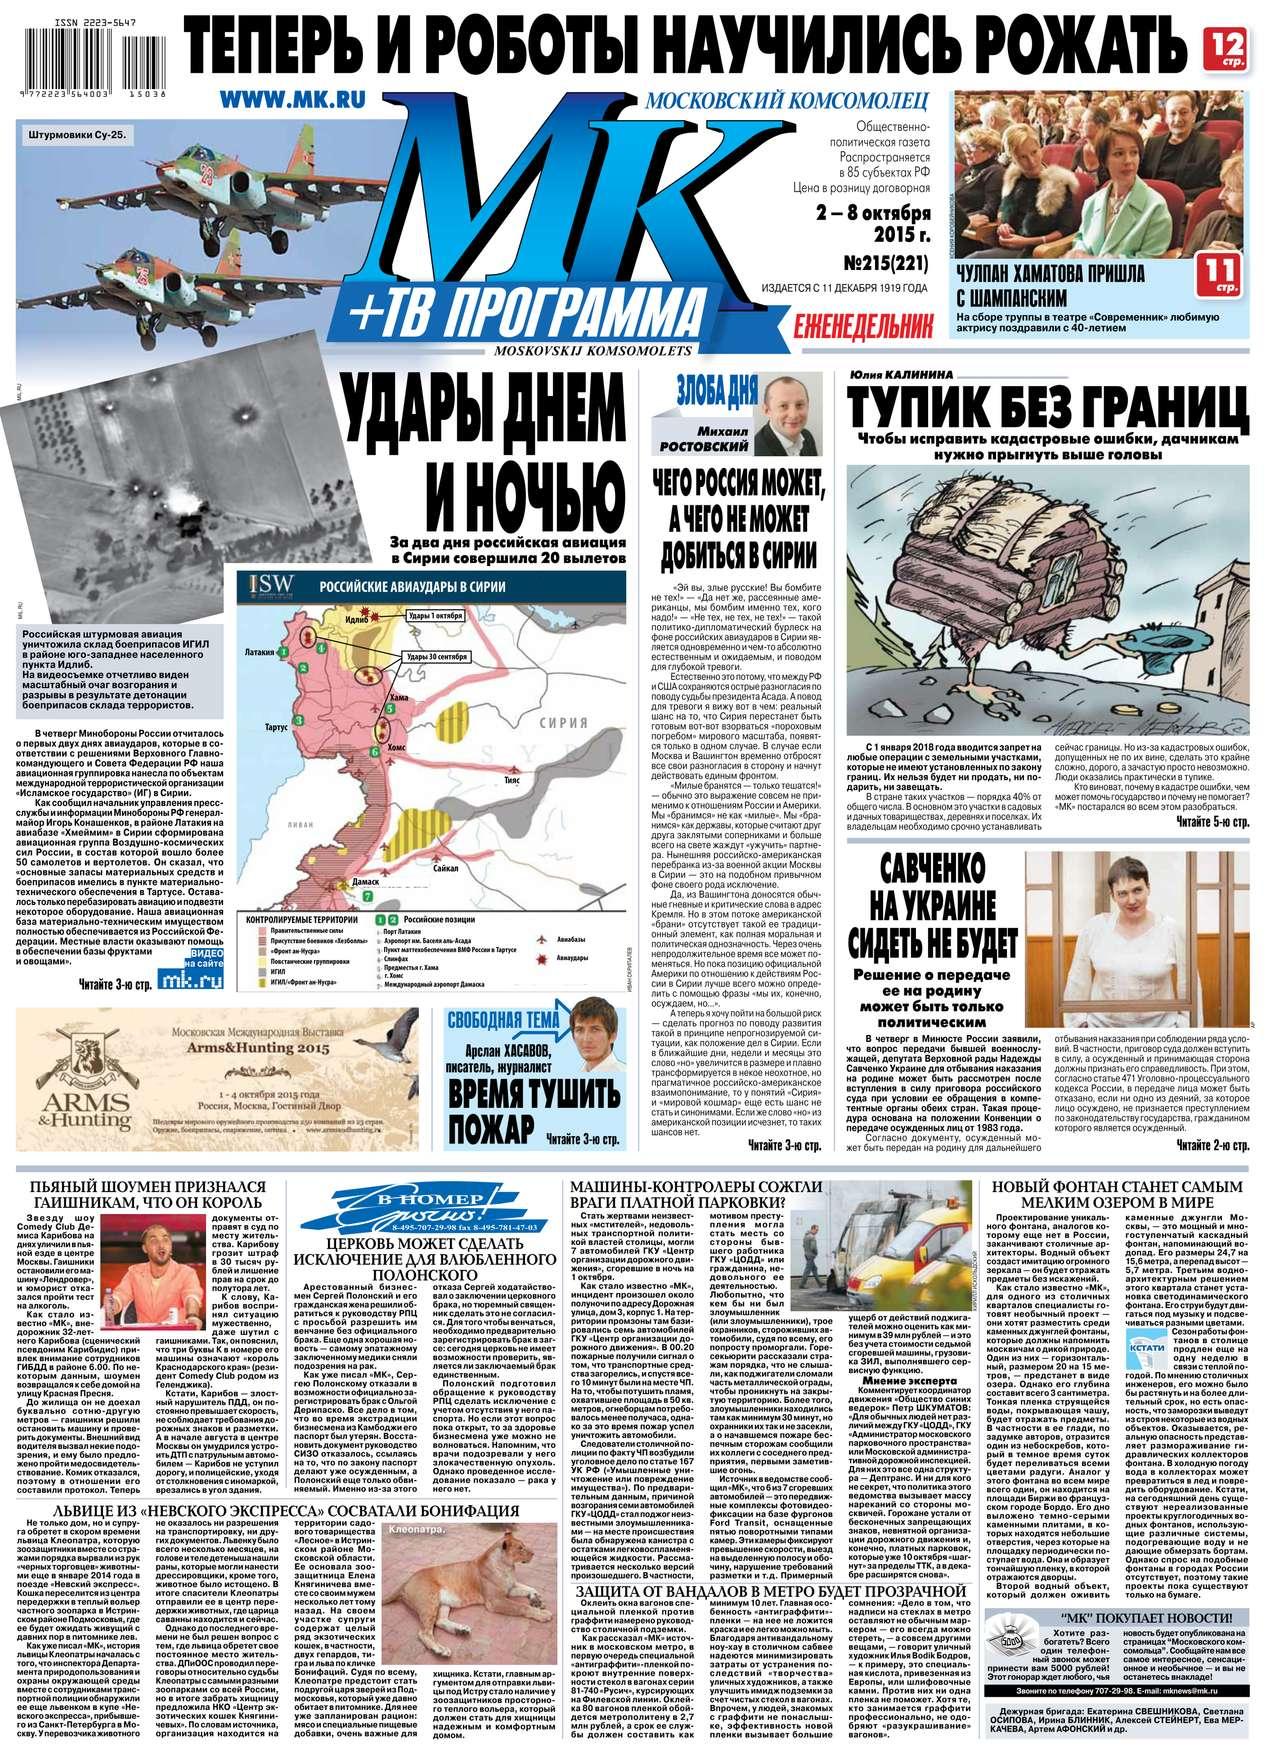 Редакция газеты МК Московский Комсомолец МК Московский Комсомолец 215-2015 цена в Москве и Питере